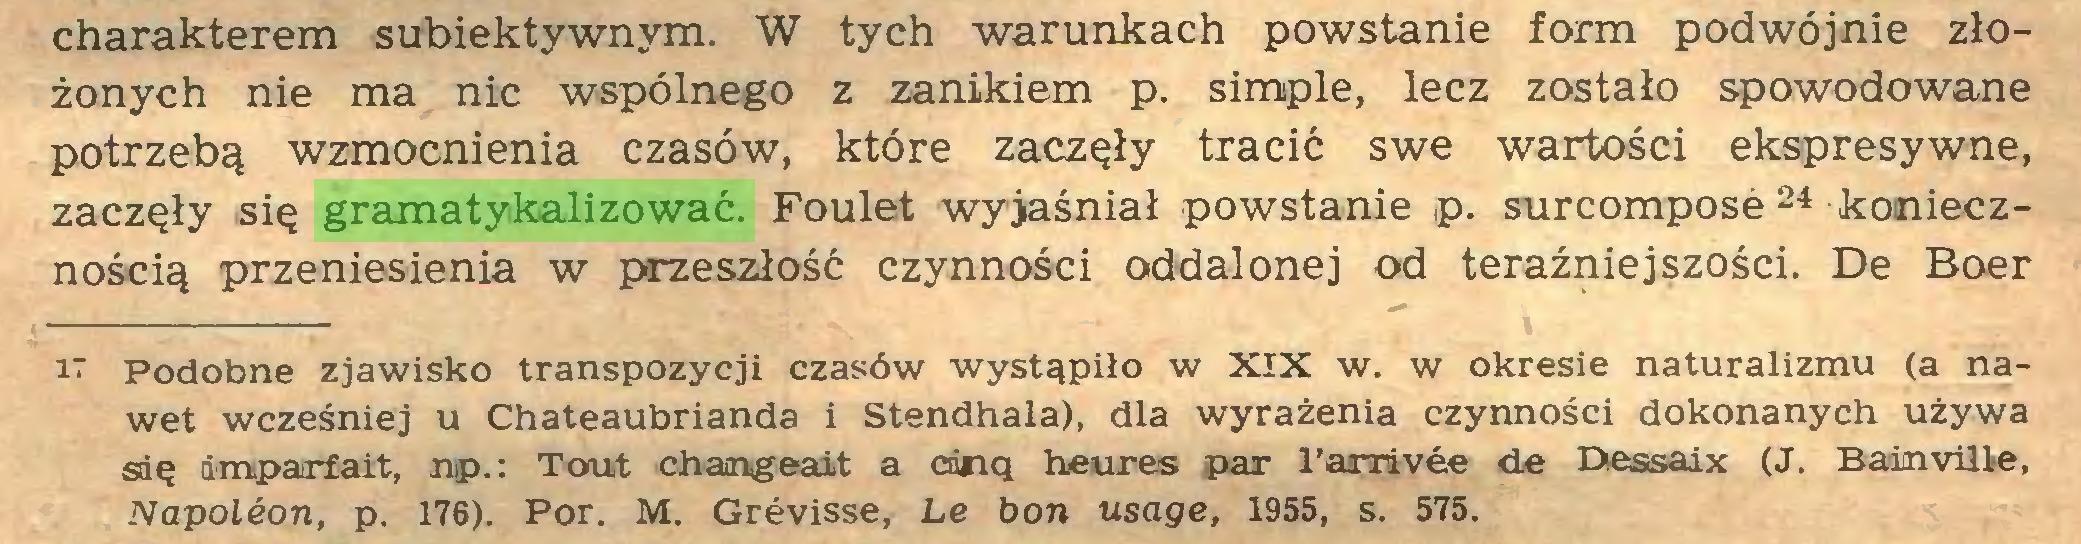 (...) charakterem subiektywnym. W tych warunkach powstanie form podwójnie złożonych nie ma nic wspólnego z zanikiem p. simple, lecz zostało spowodowane potrzebą wzmocnienia czasów, które zaczęły tracić swe wartości ekspresywne, zaczęły się gramatykalizować. Foulet wyjaśniał powstanie p. surcomposé 24 koniecznością przeniesienia w przeszłość czynności oddalonej od teraźniejszości. De Boer 17 podobne zjawisko transpozycji czasów wystąpiło w XIX w. w okresie naturalizmu (a nawet wcześniej u Chateaubrianda i Stendhala), dla wyrażenia czynności dokonanych używa się impartait, np.: Tout changeait a cdnq heures par l'arrivée de Dessaix (J. Badmvüie, Napoléon, p. 176). Por. M. Grévisse, Le bon usage, 1955, s. 575...